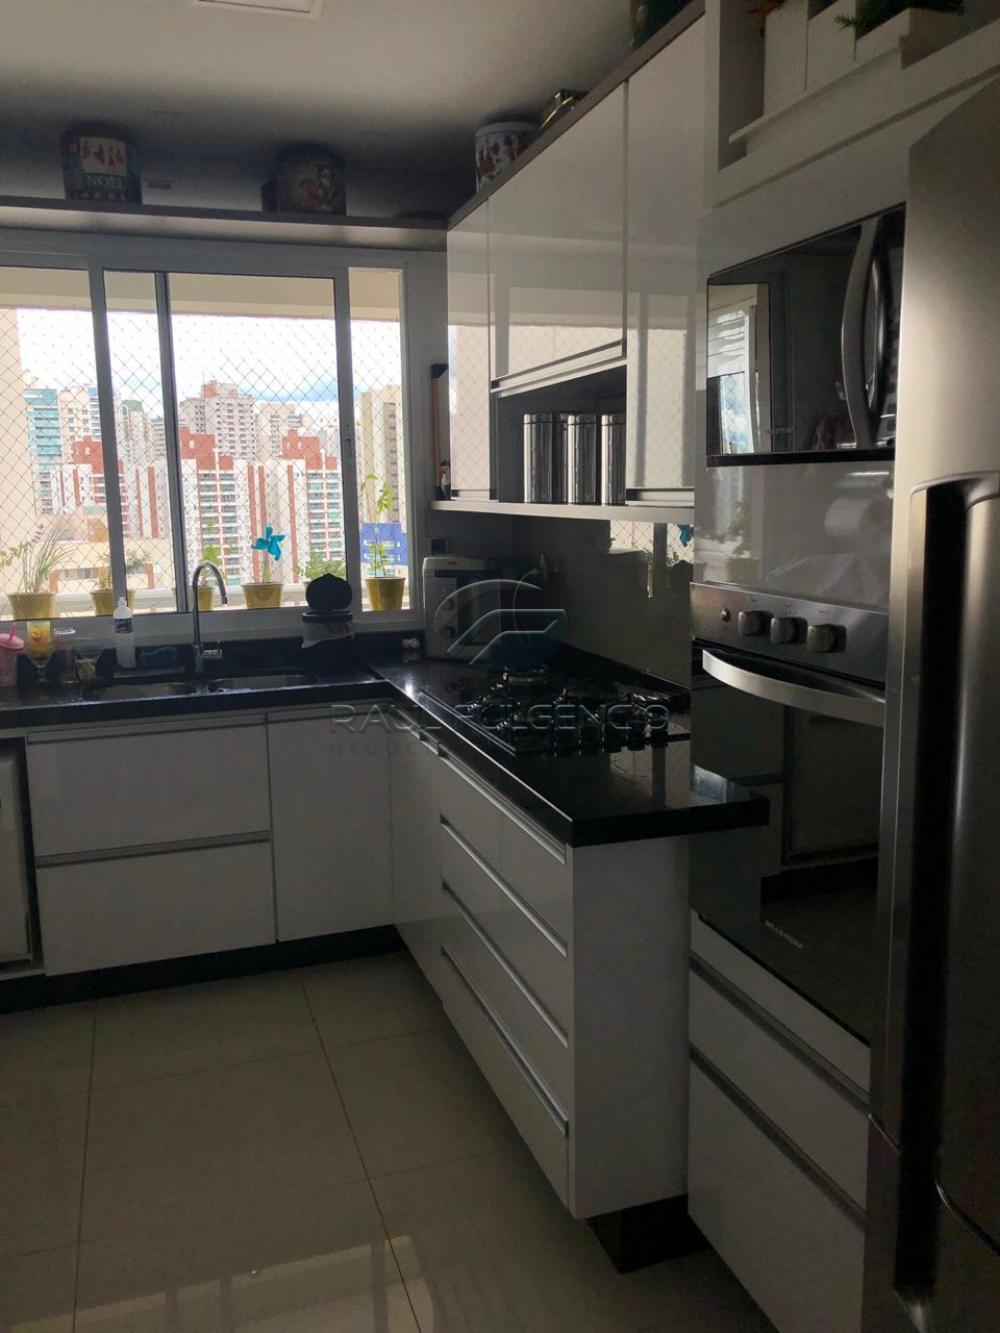 Comprar Apartamento / Padrão em Londrina apenas R$ 1.290.000,00 - Foto 11